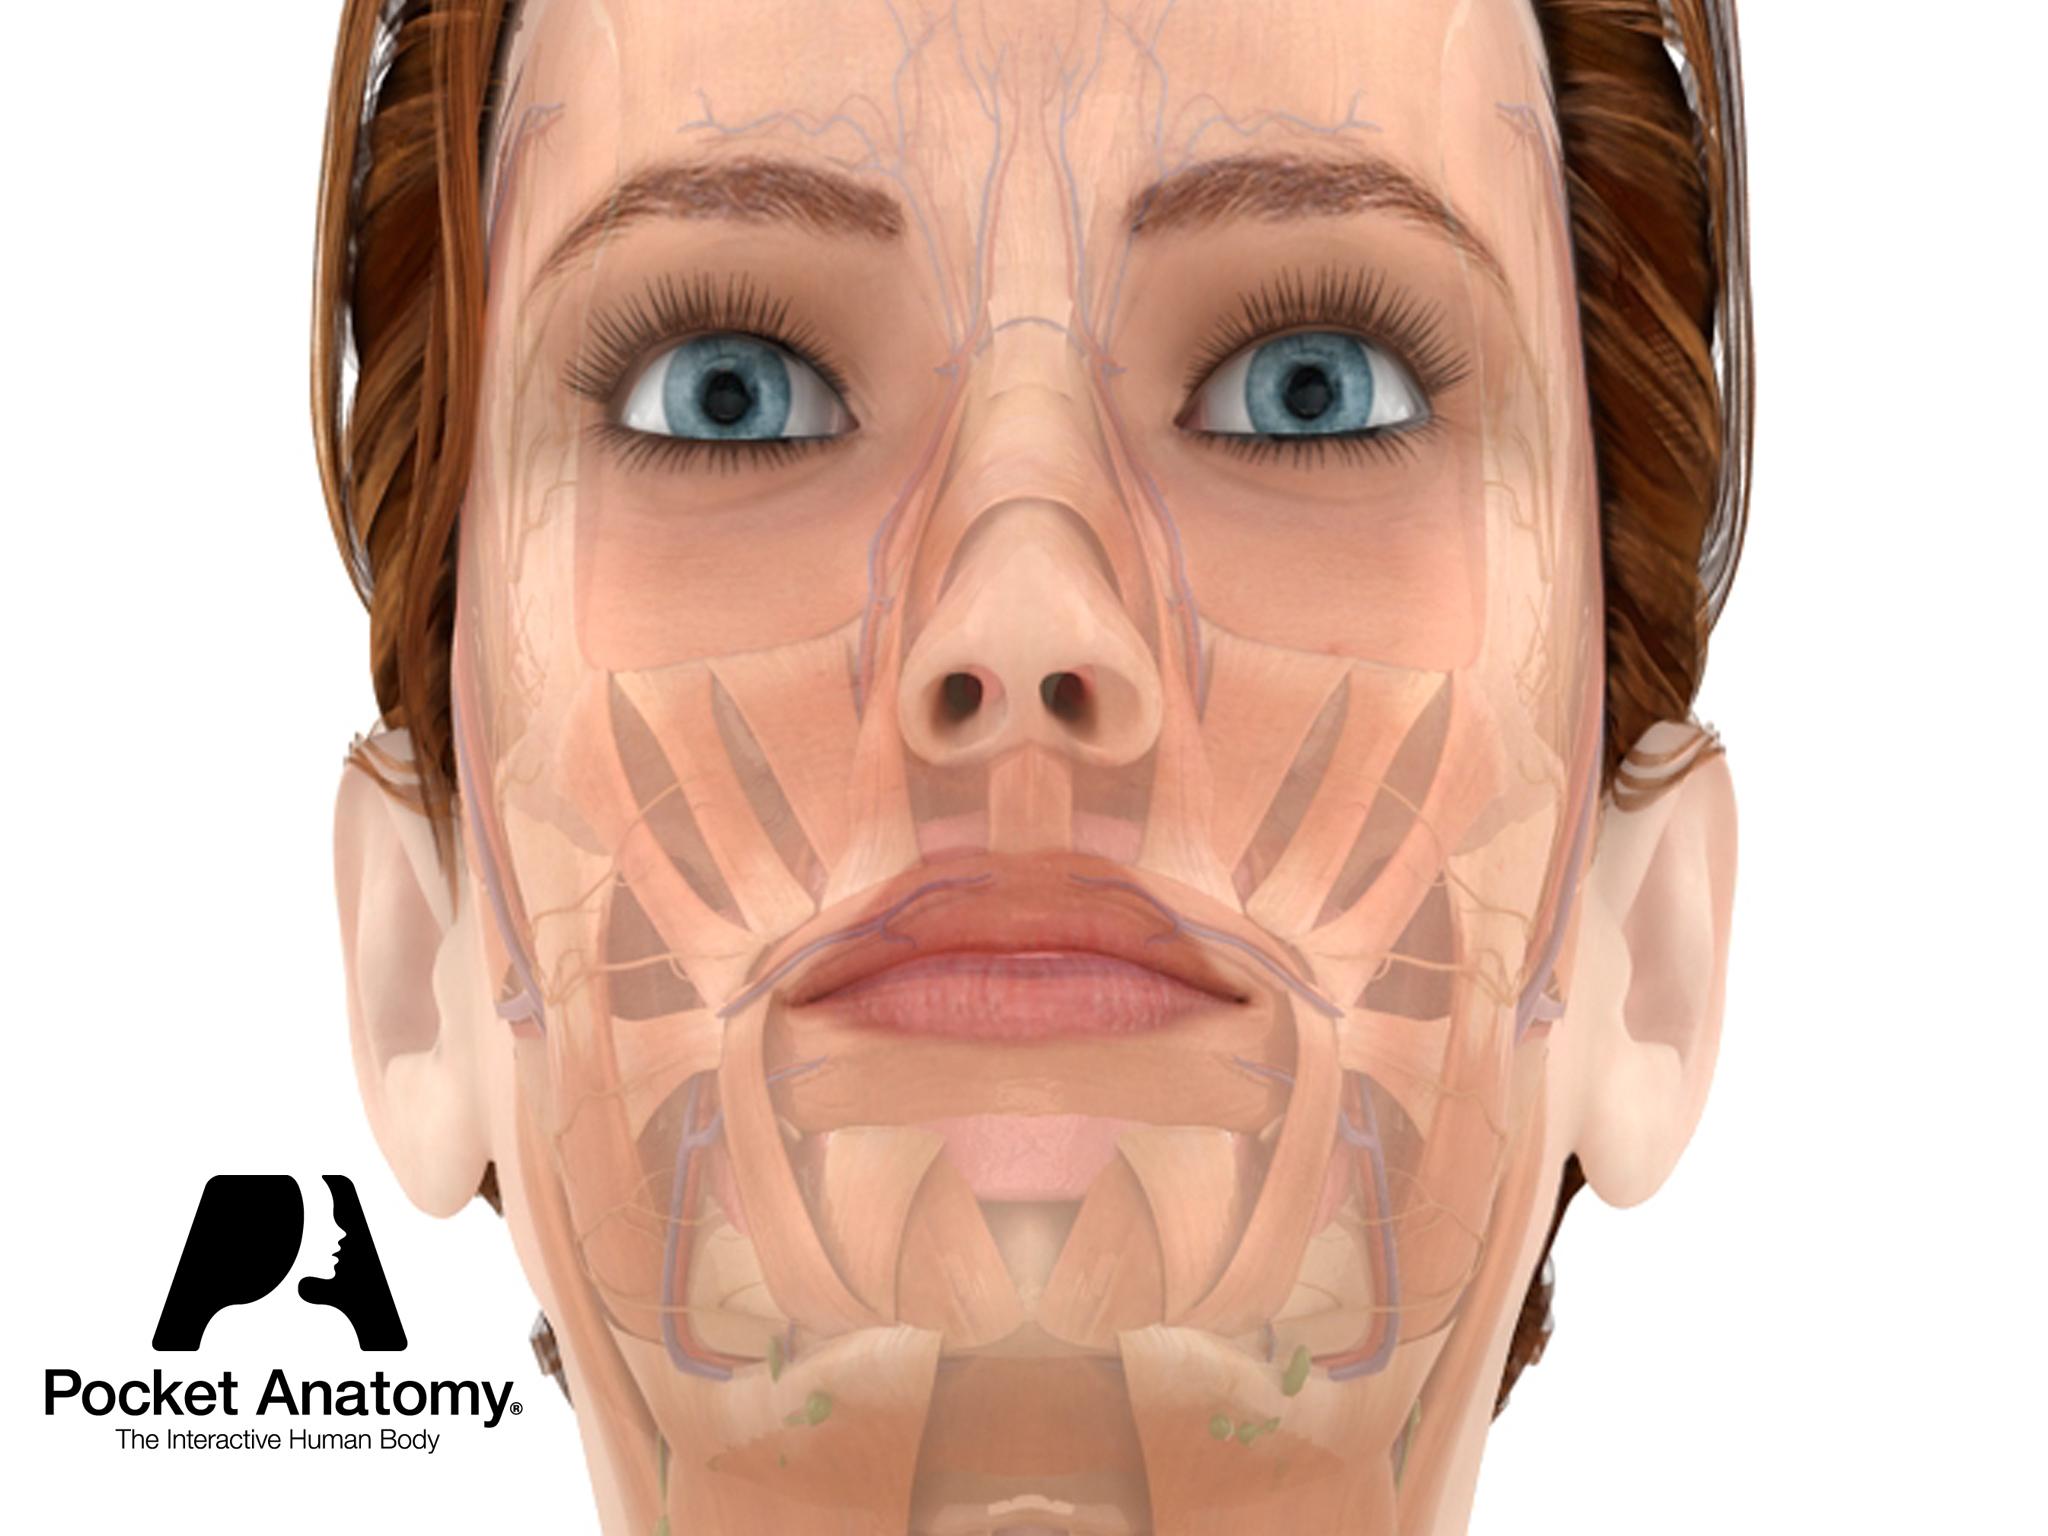 Anatomy of Eye Conditions - Pocket Anatomy